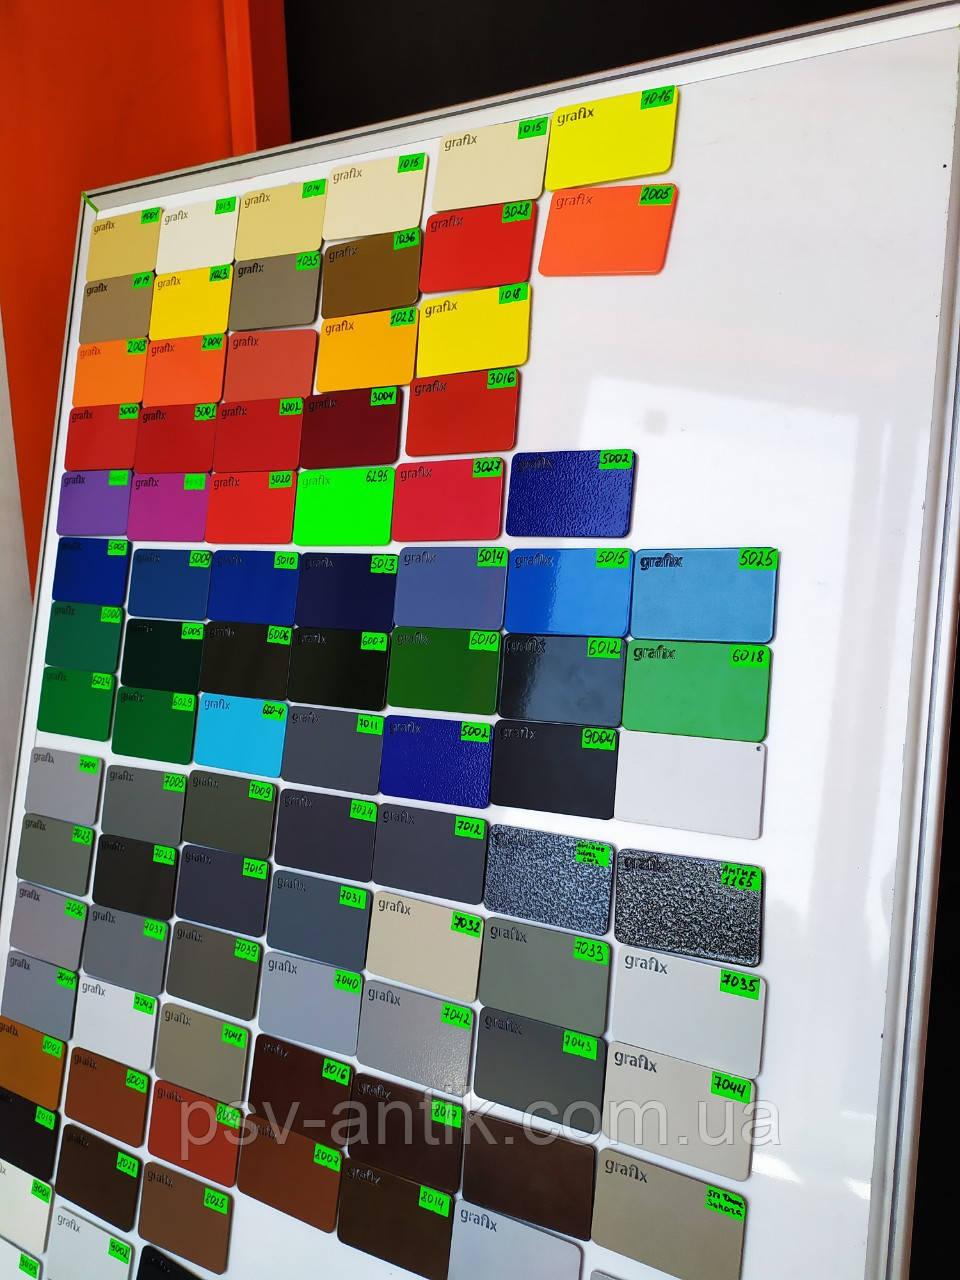 Порошковая краска матовая, полиэфирная, архитектурная, 8019